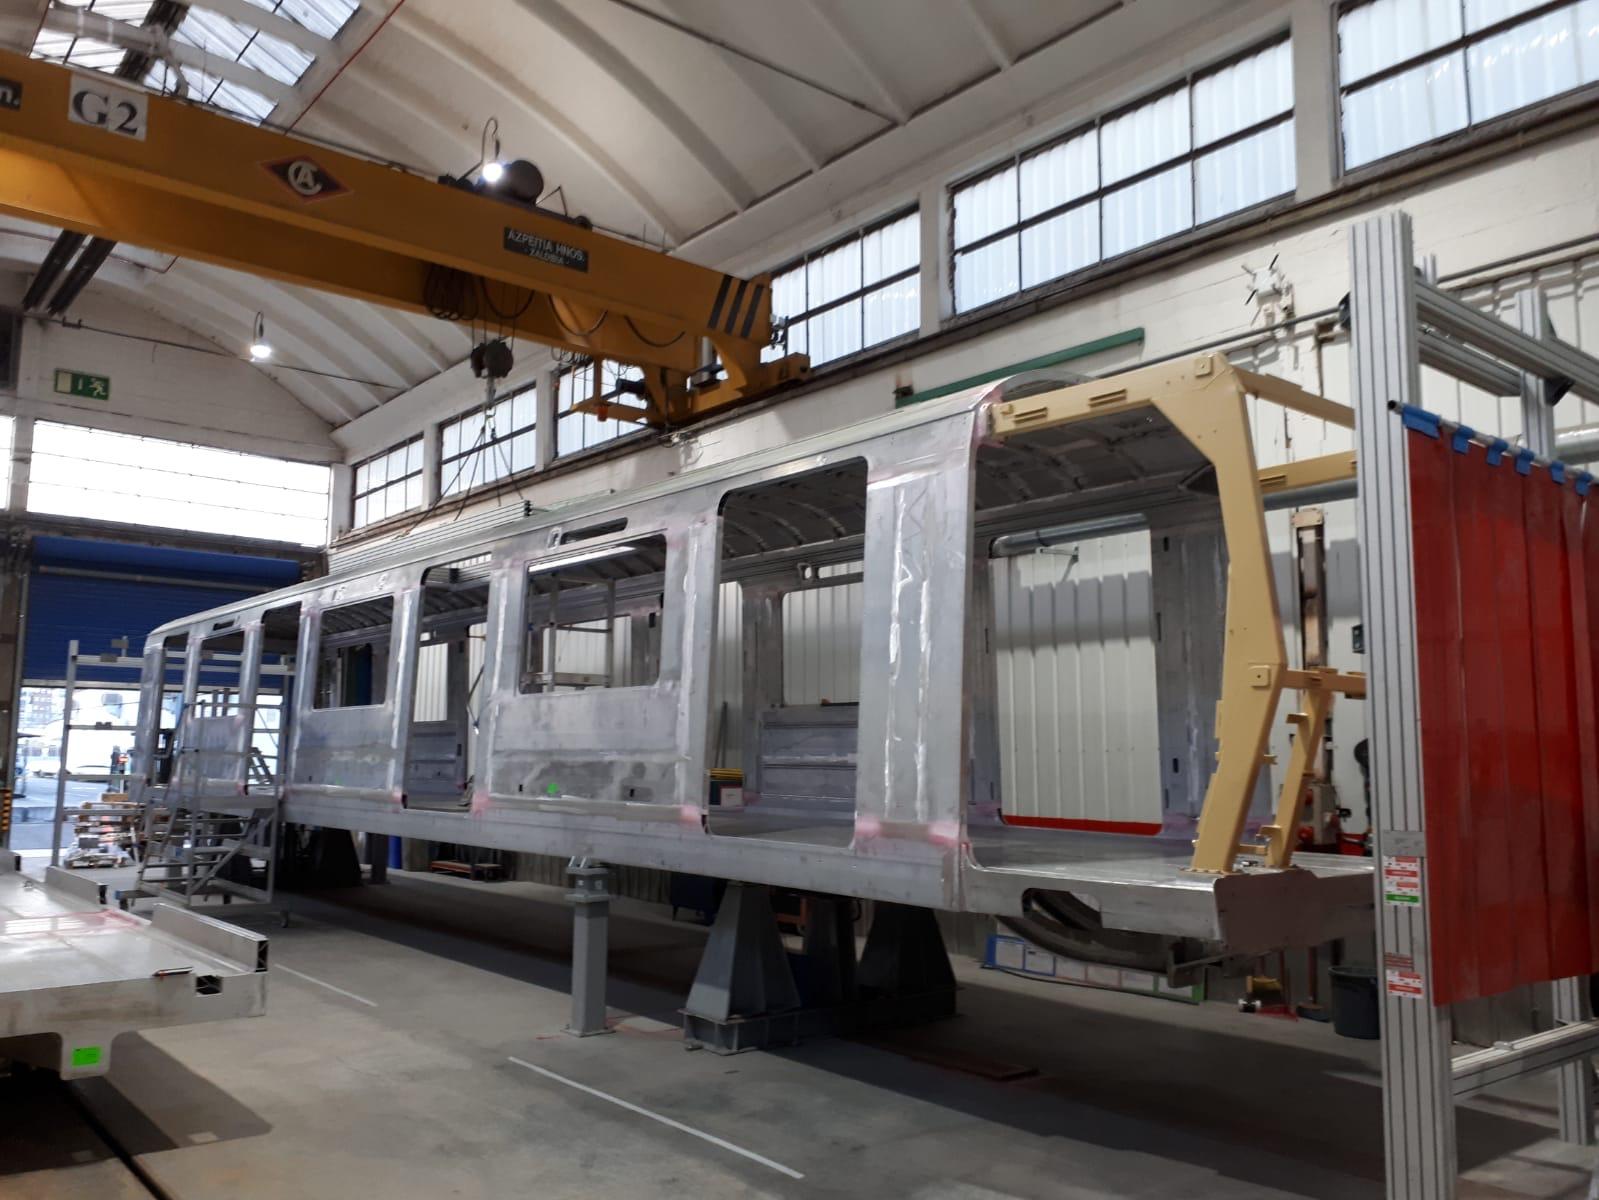 Wagenbak nieuwe M7 metro casco met cabine